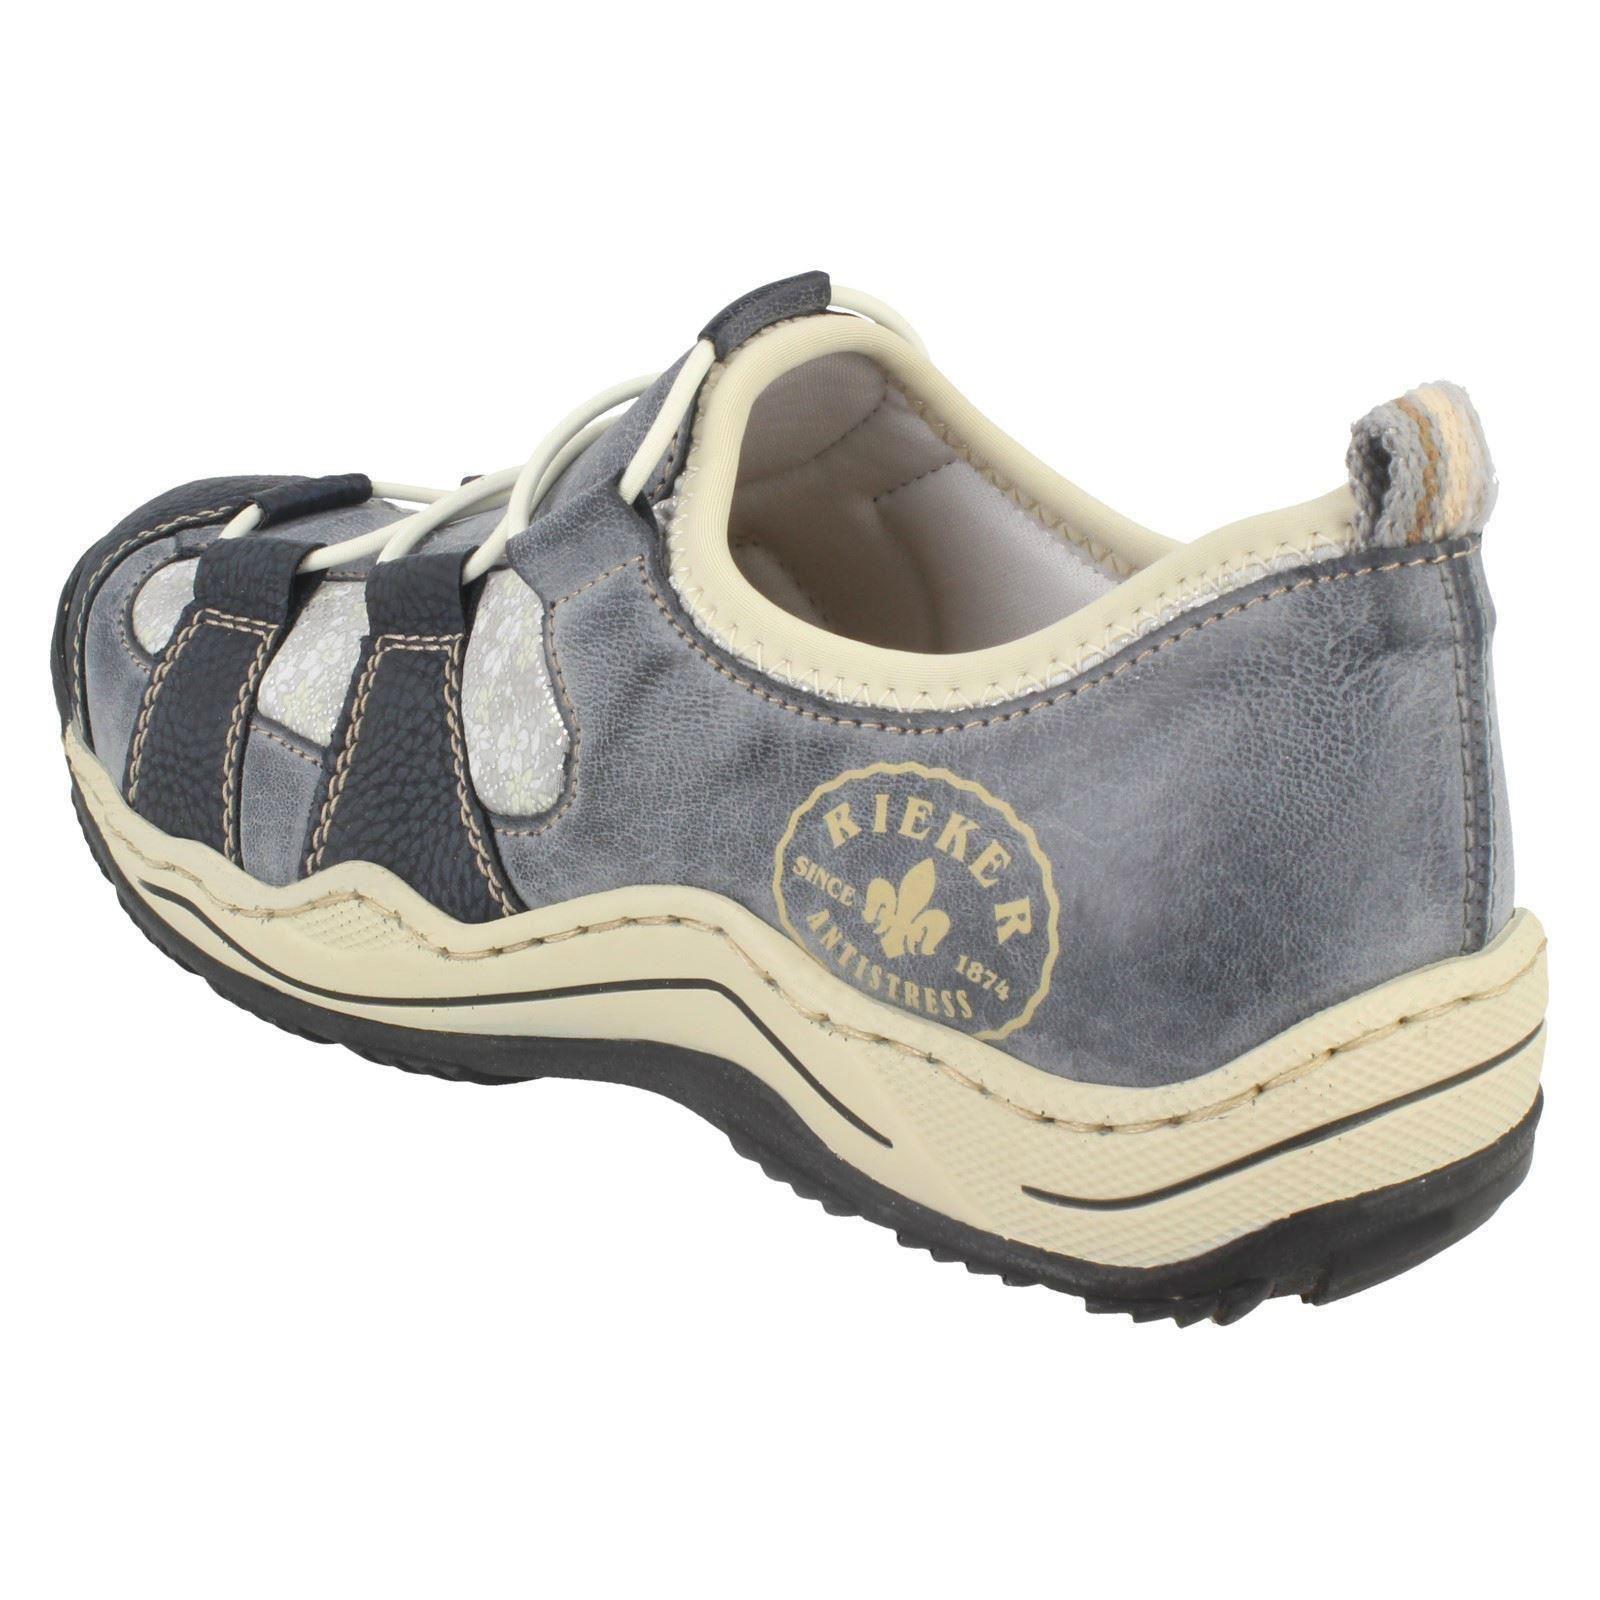 Casual Shoes  l0582  Rieker Combinazione Ladies blu blu twqOtAI 4641caa80a3